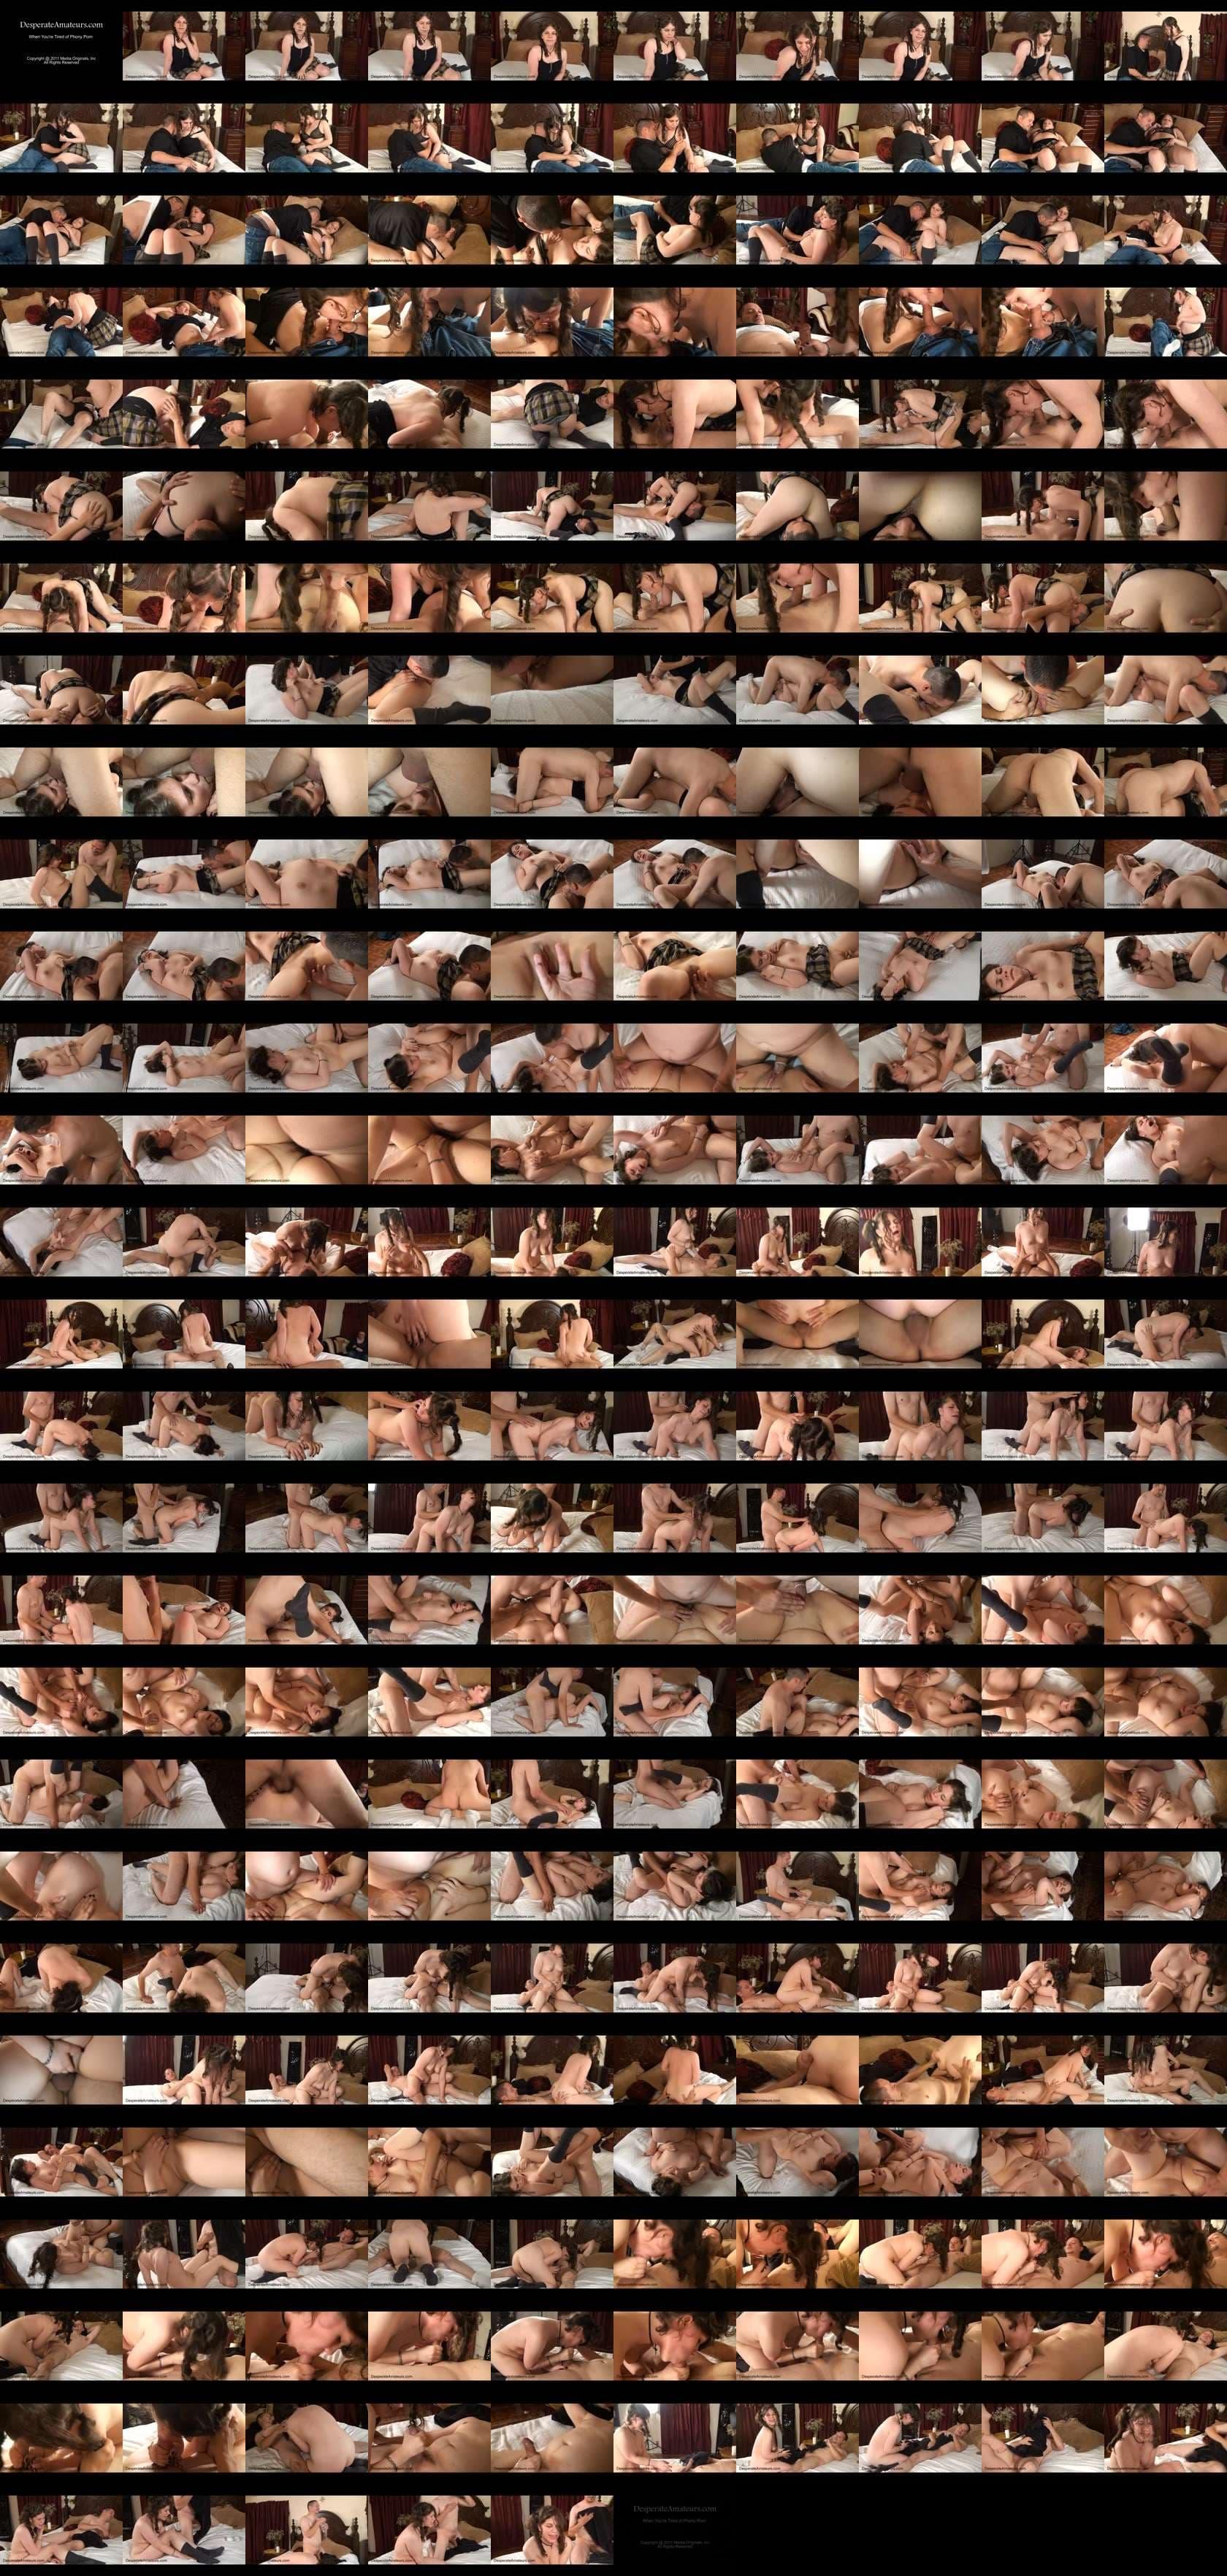 Un vilain mec noir tatoué baise une belle brune